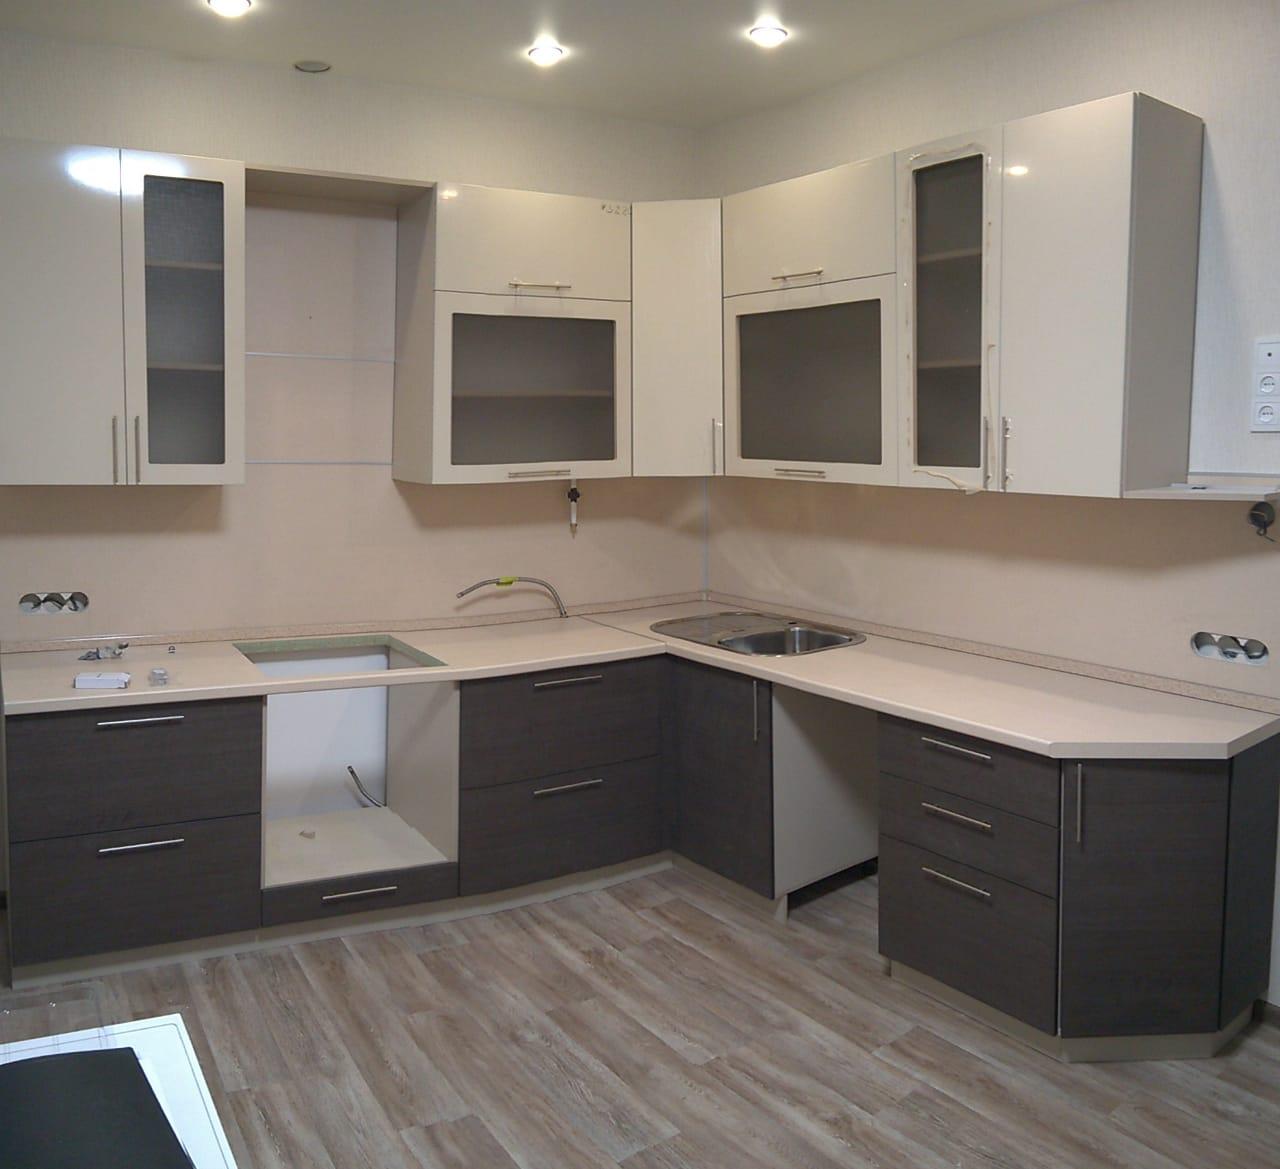 купить кухни воронеж, кухонная мебель воронеж услуги